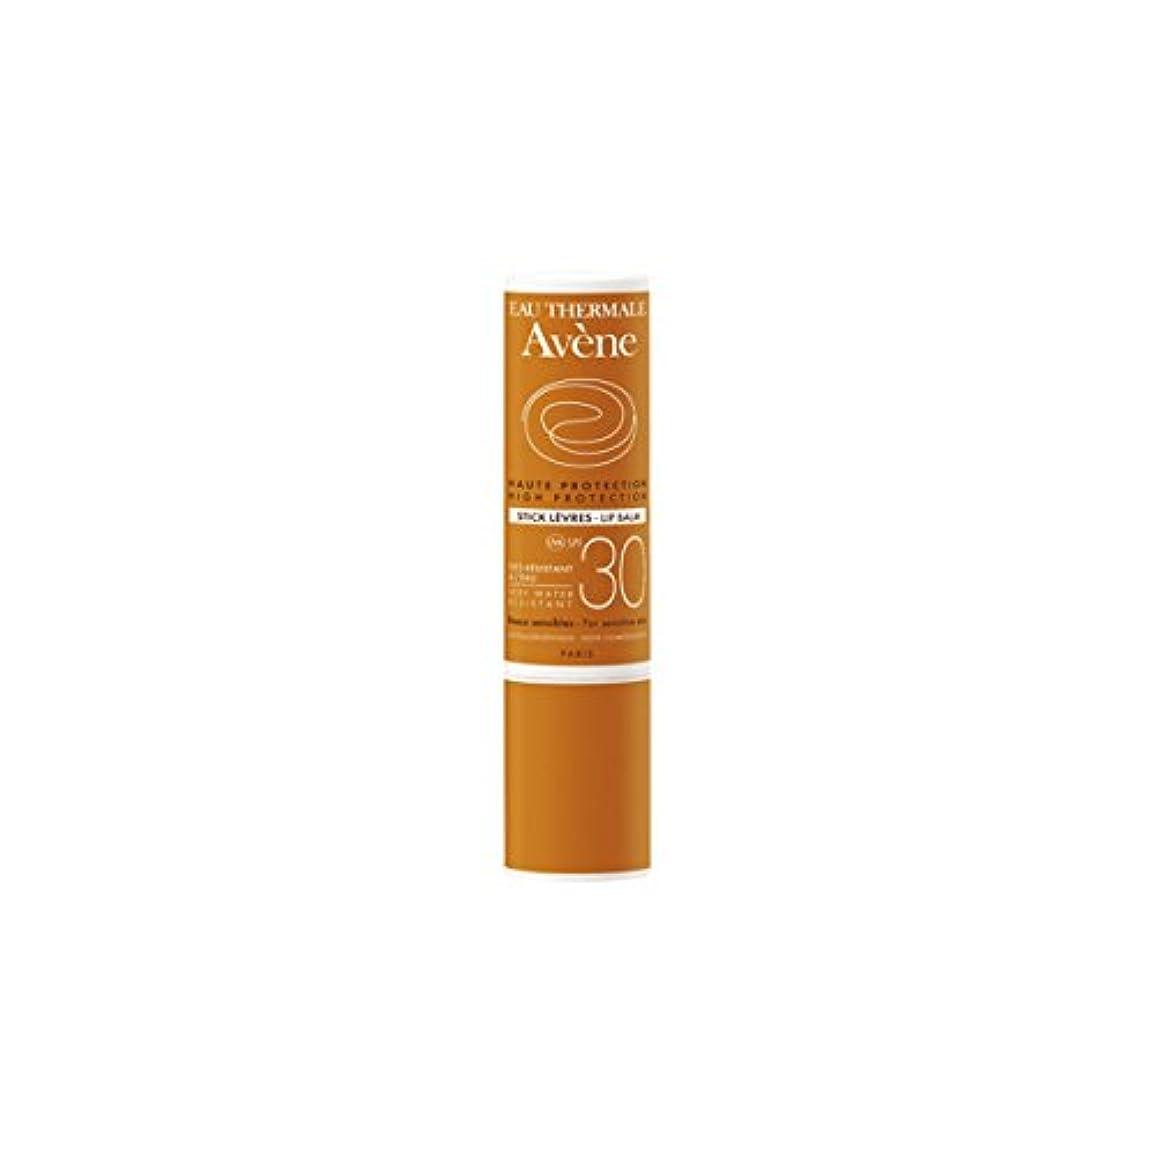 知らせるペルセウス位置するAvene Sunscreen Lip Stick 30 3g [並行輸入品]